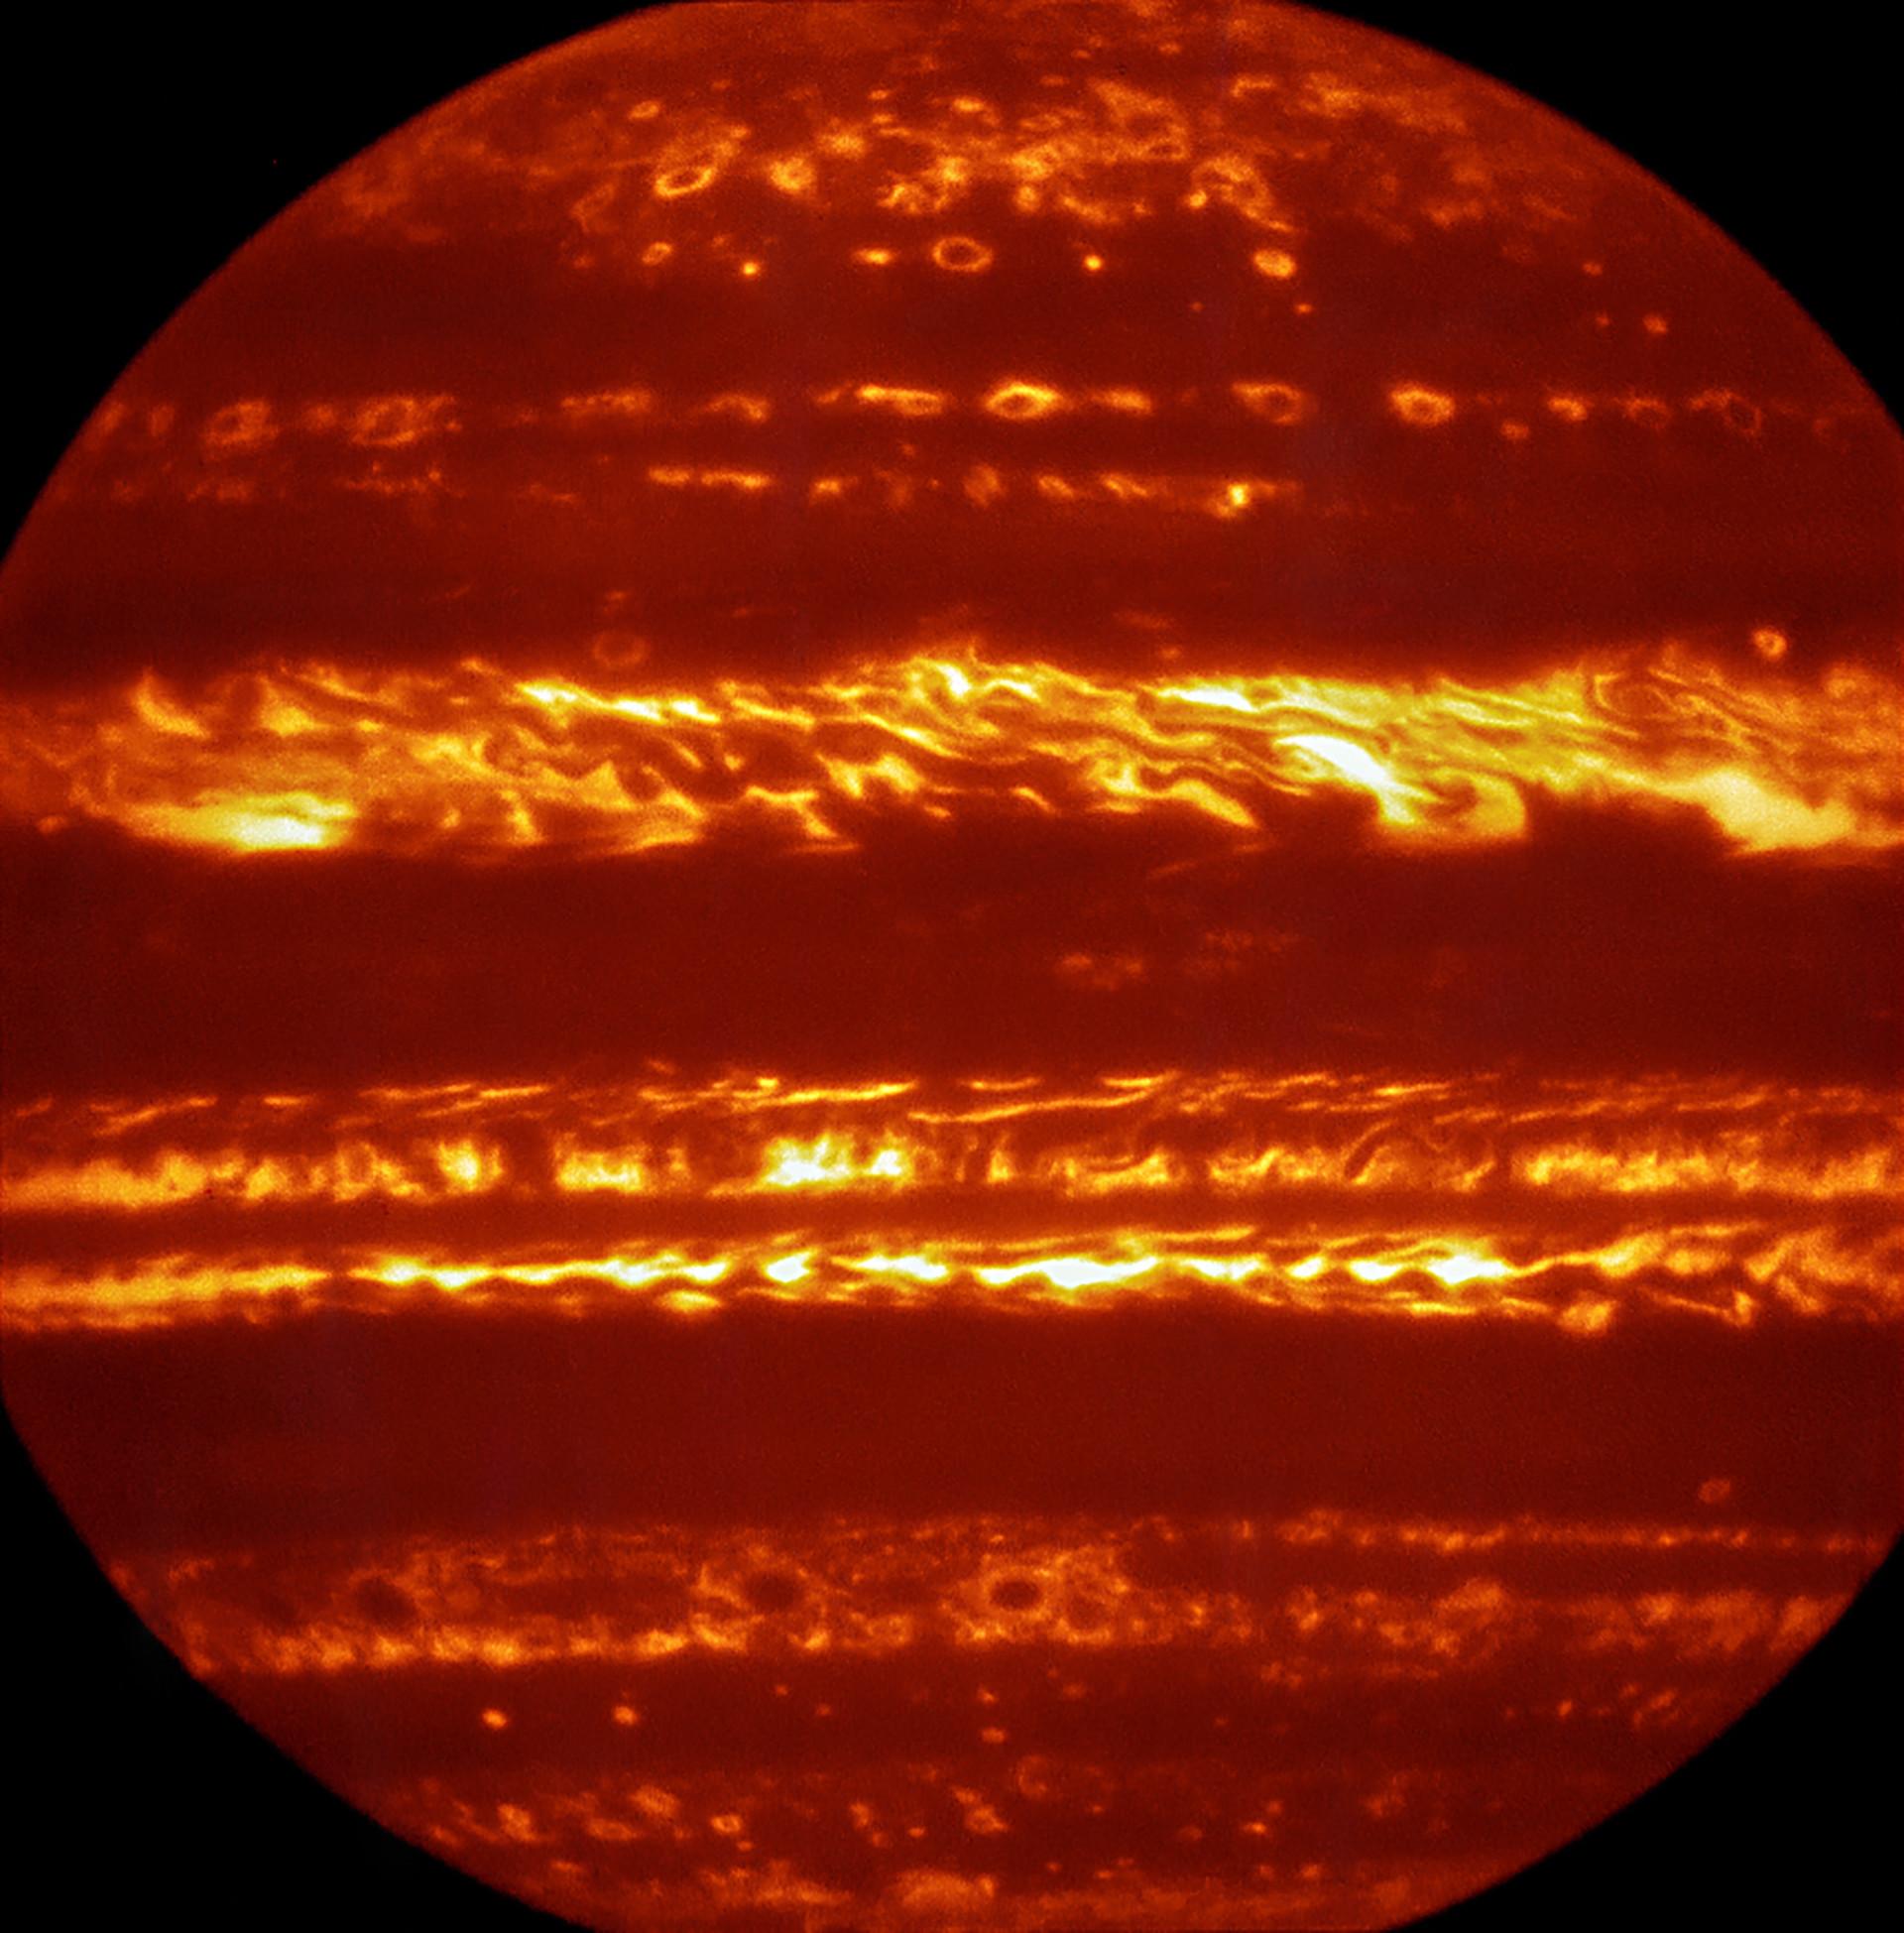 Телескоп VLT получил сверхчеткие фотографии Юпитера